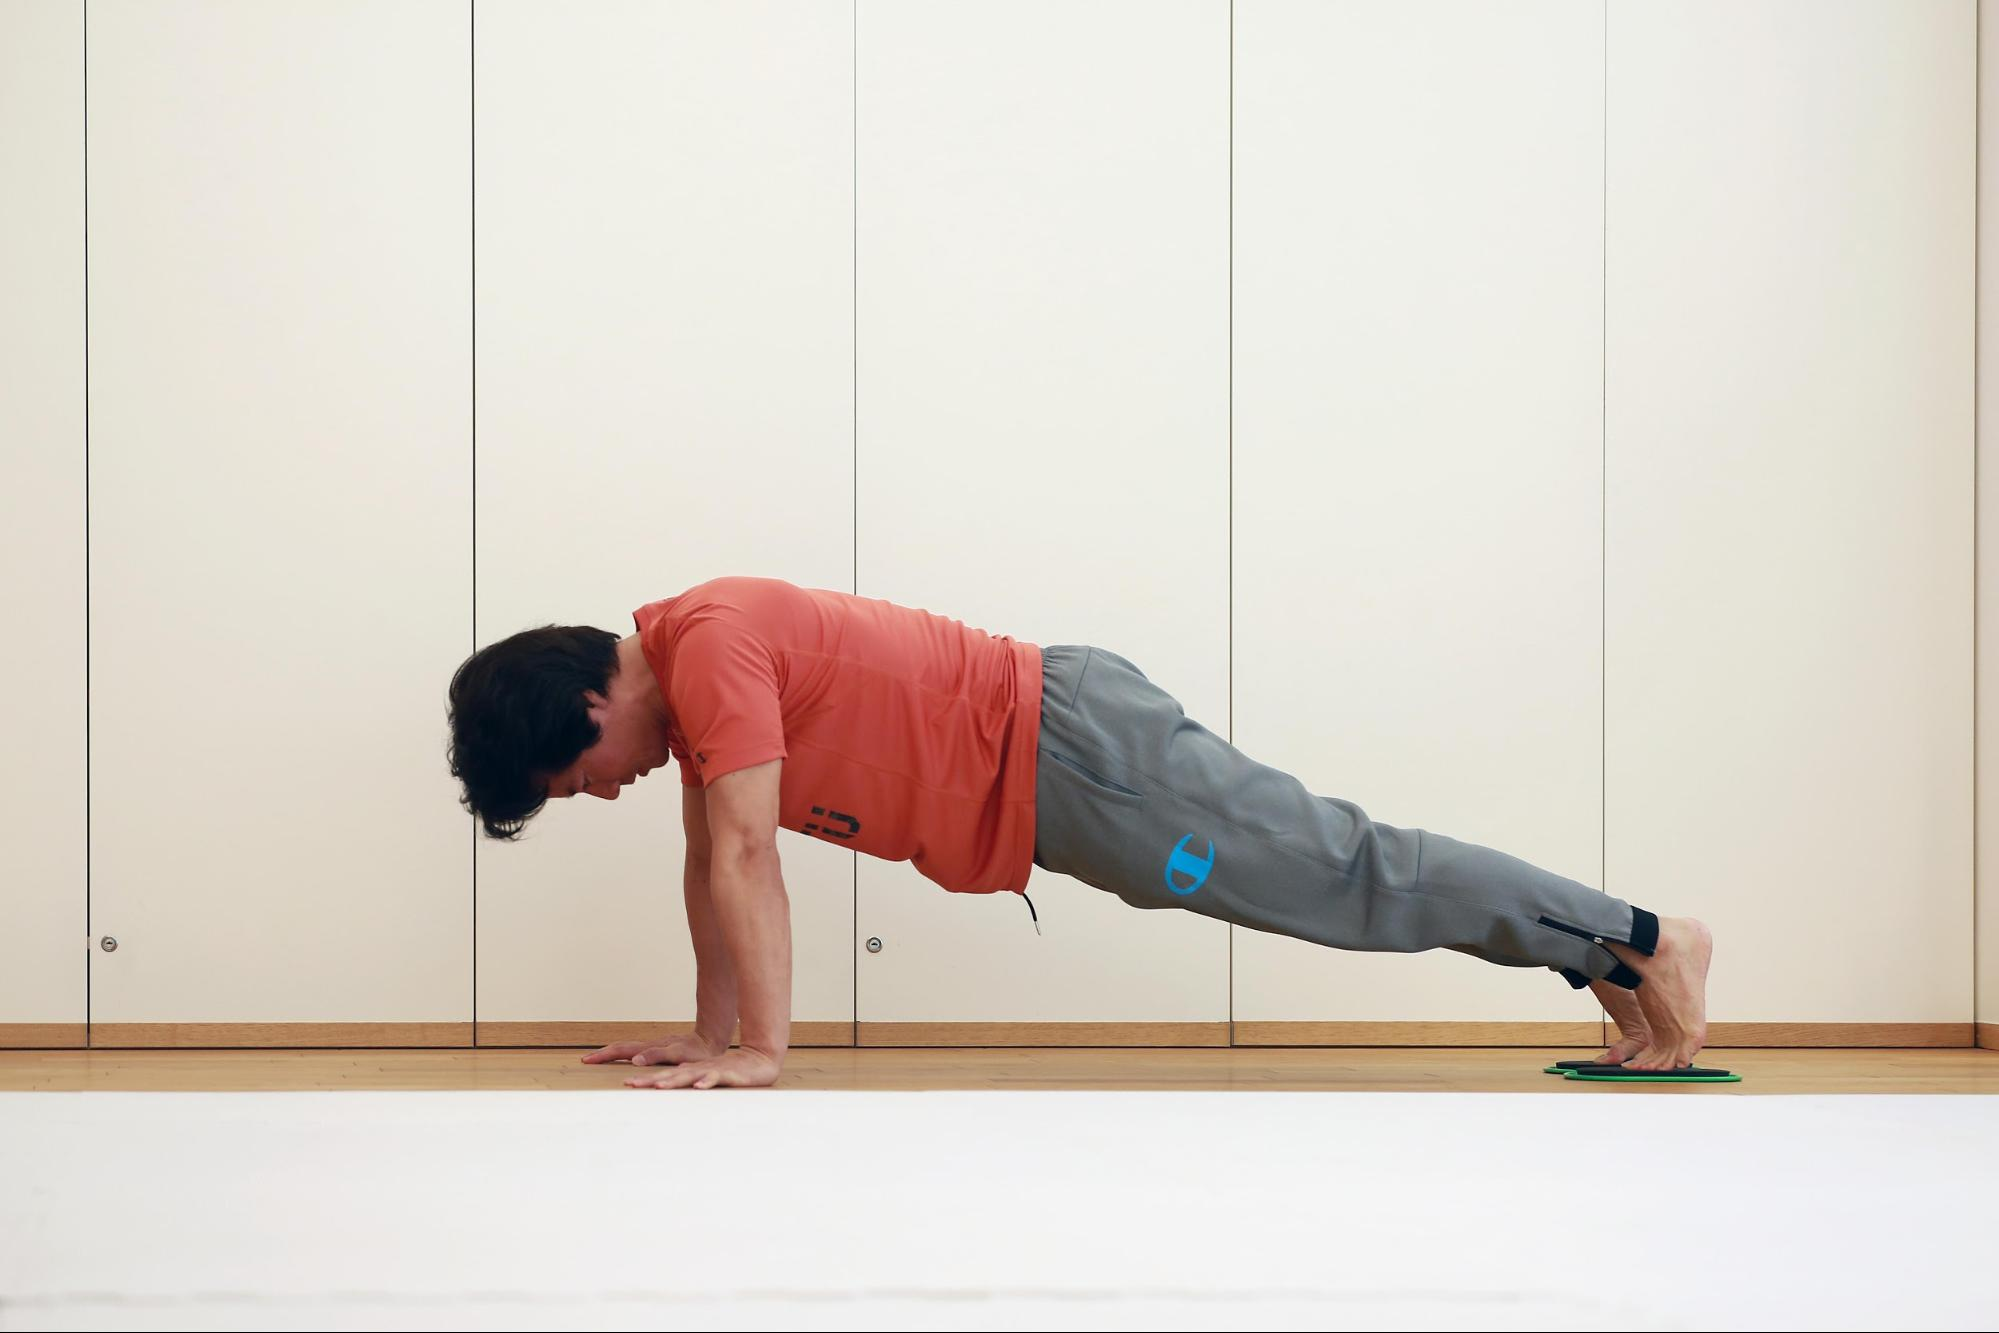 ケイン・コスギのゲームのための筋トレ術。腕立て伏せの姿勢を維持するだけでも効果的。